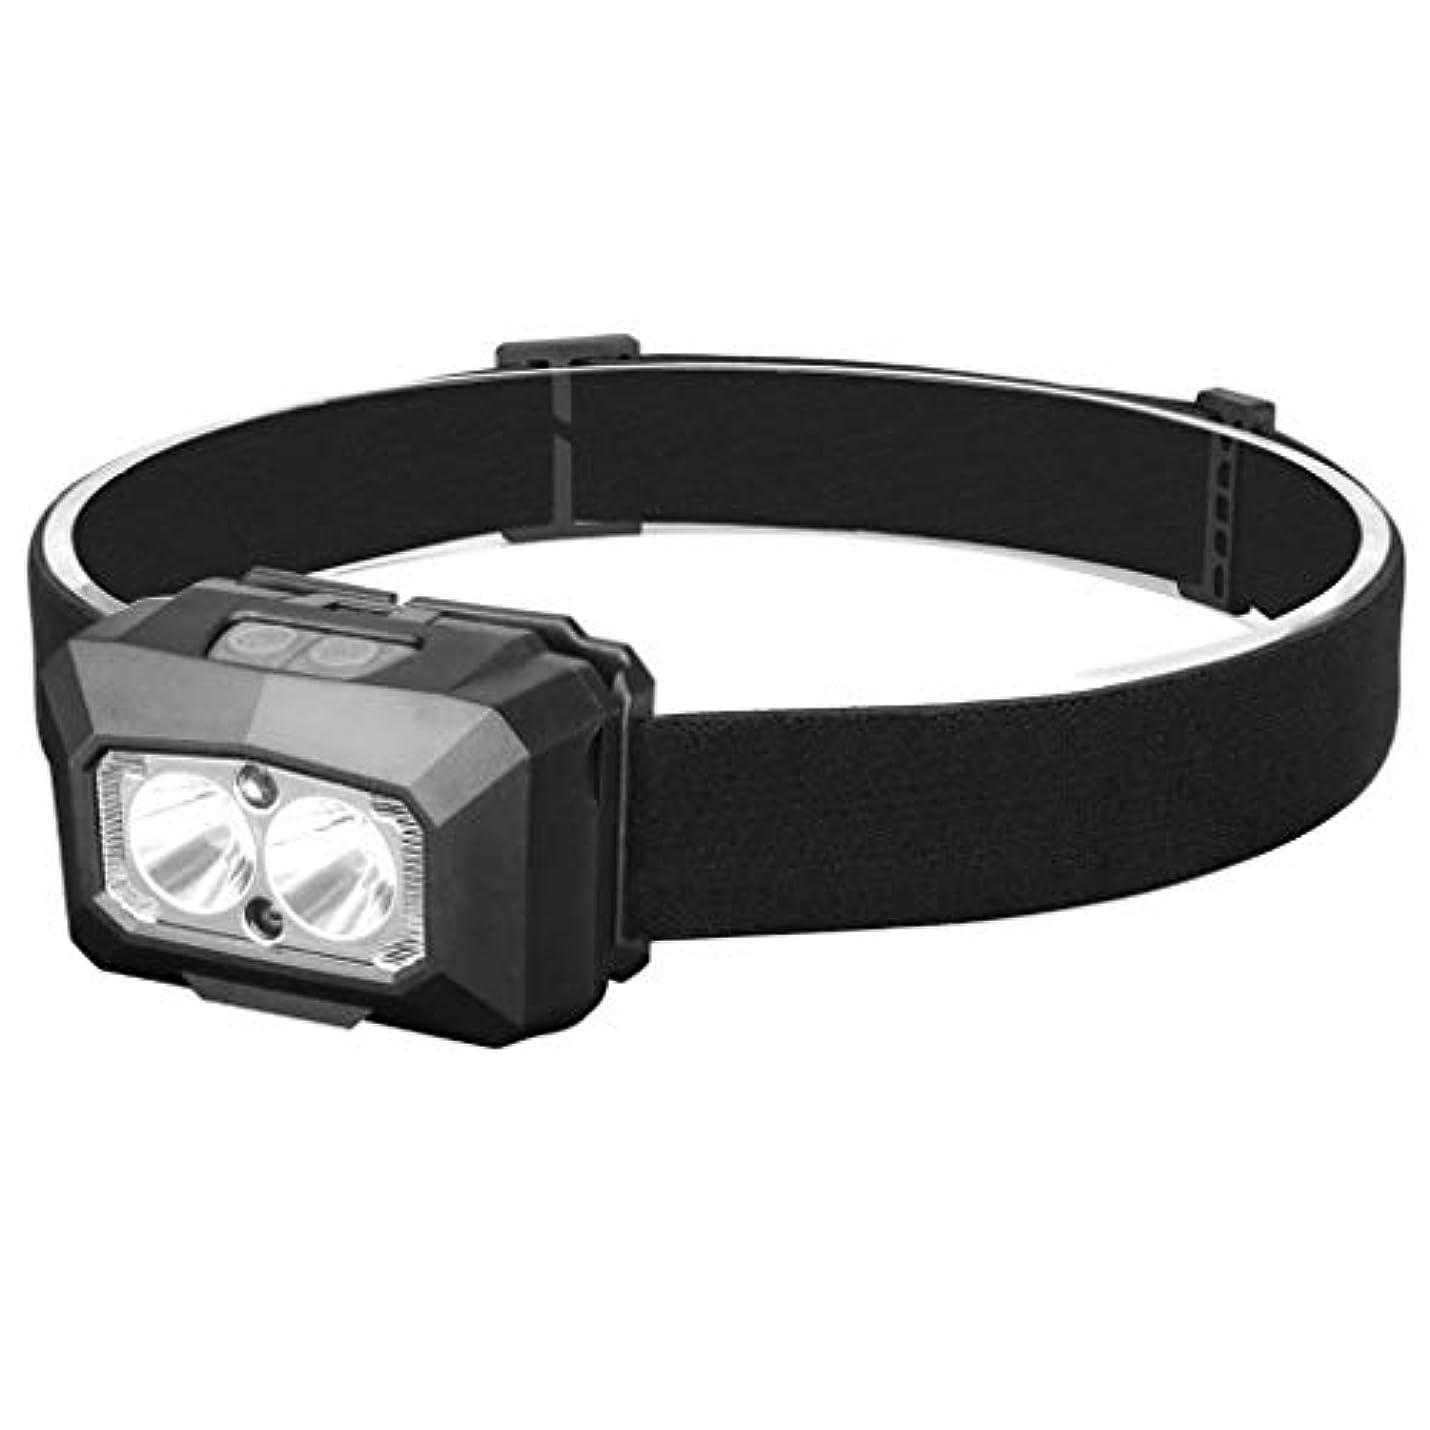 解明ペルーナサニエル区発信スタイルの楽しみCOB LEDヘッドライトモーションセンサーヘッドライトUSB充電式ヘッドランプライト